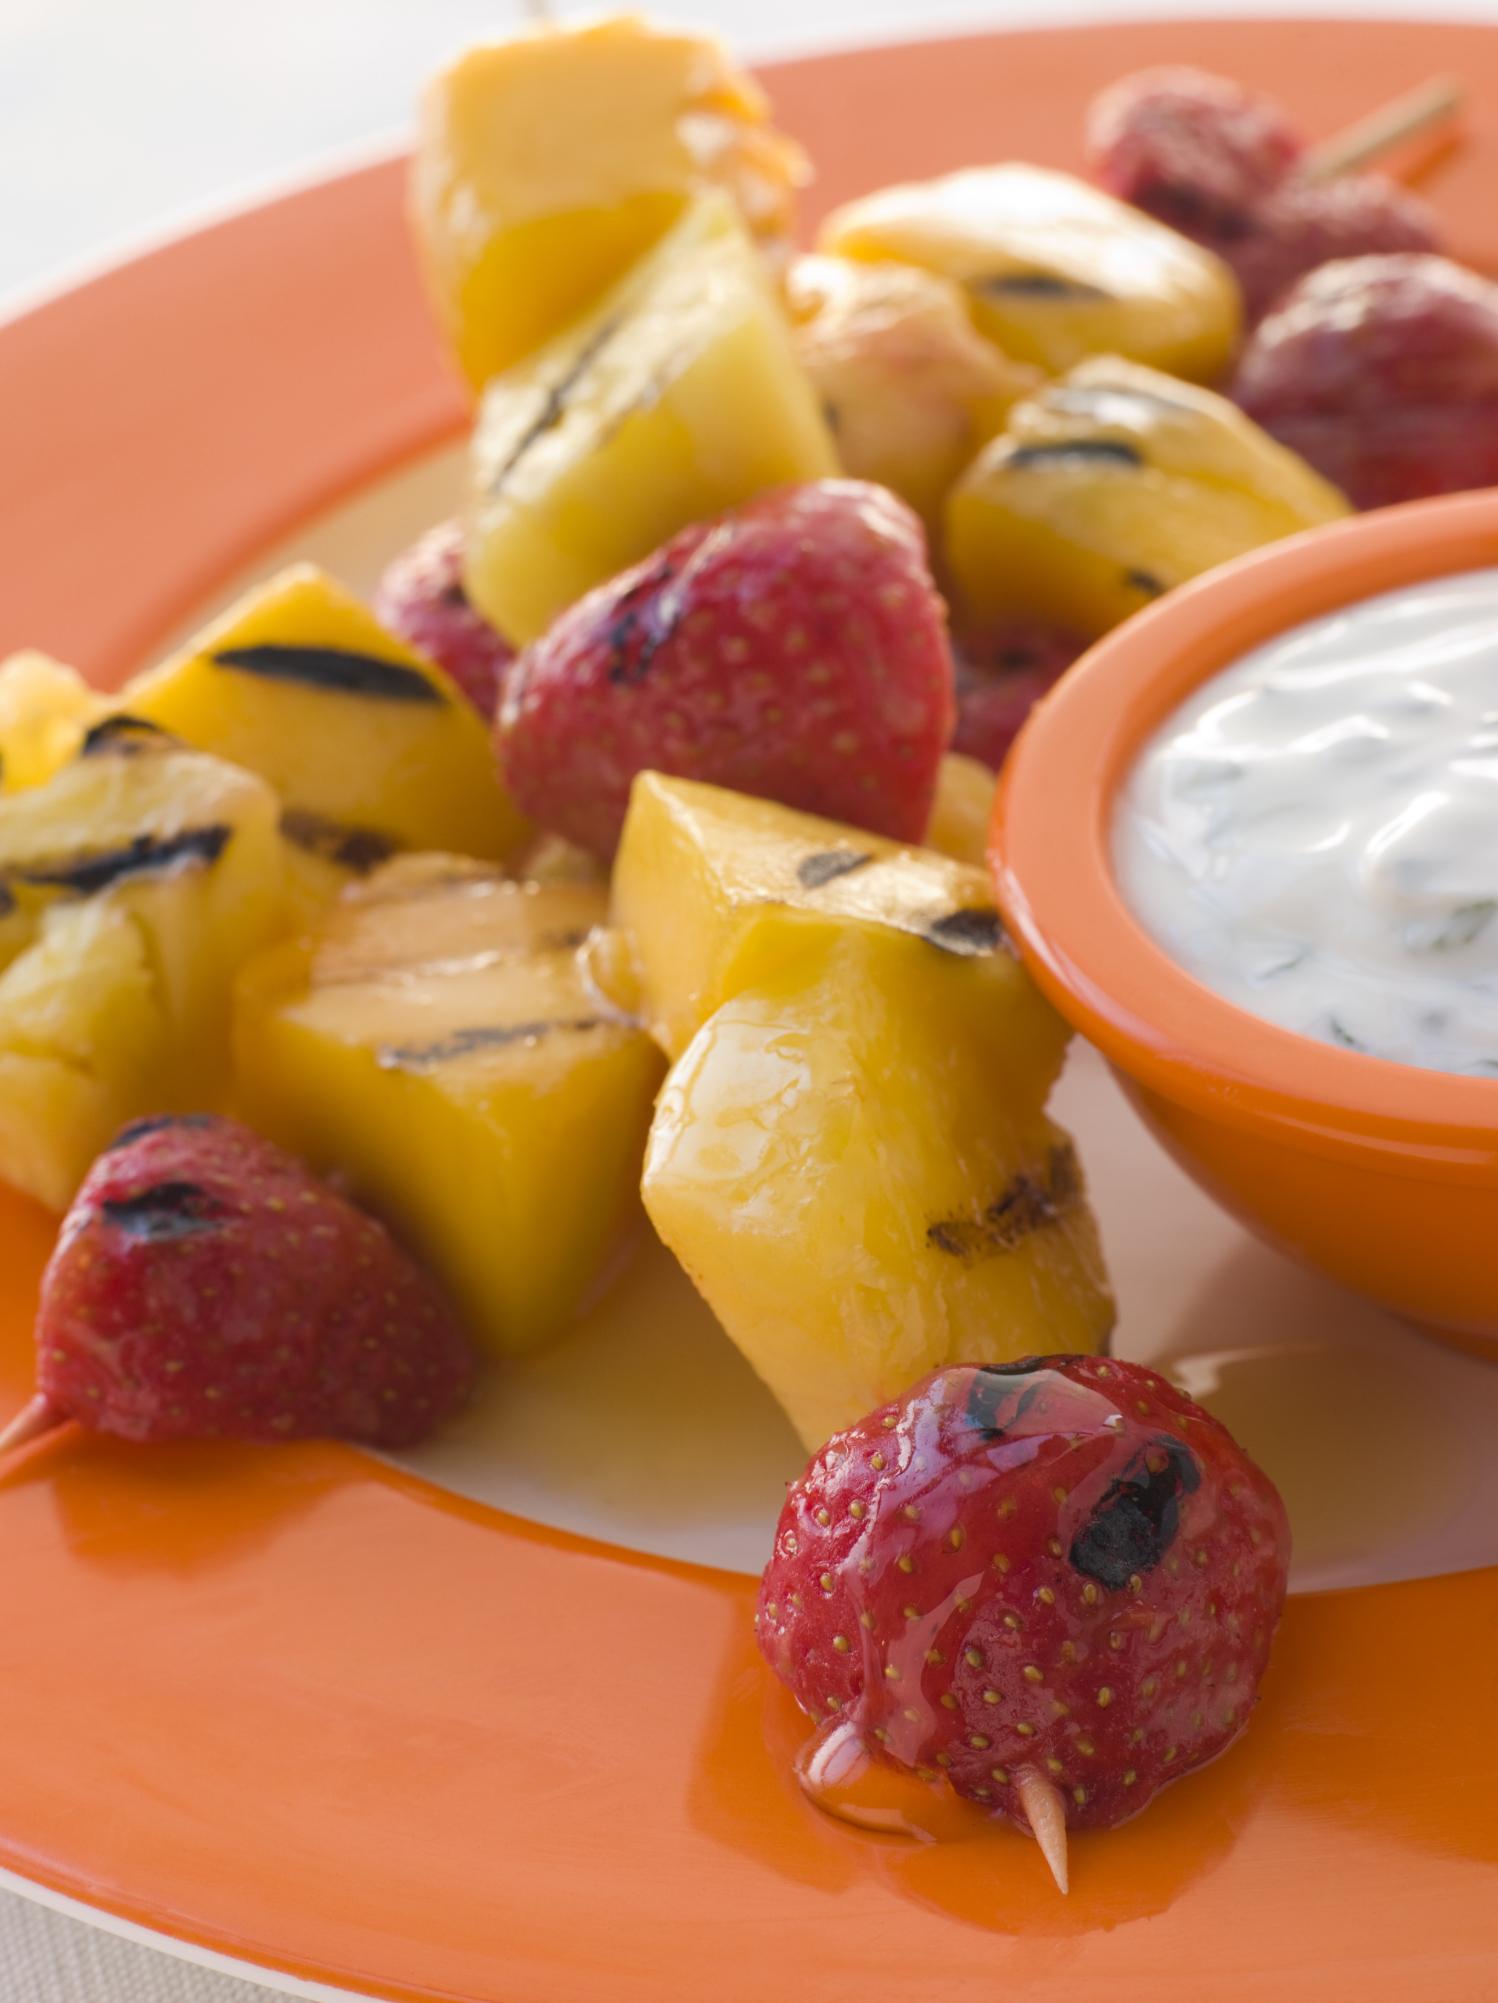 Brochetas de frutas caramelizadas con crema inglesa